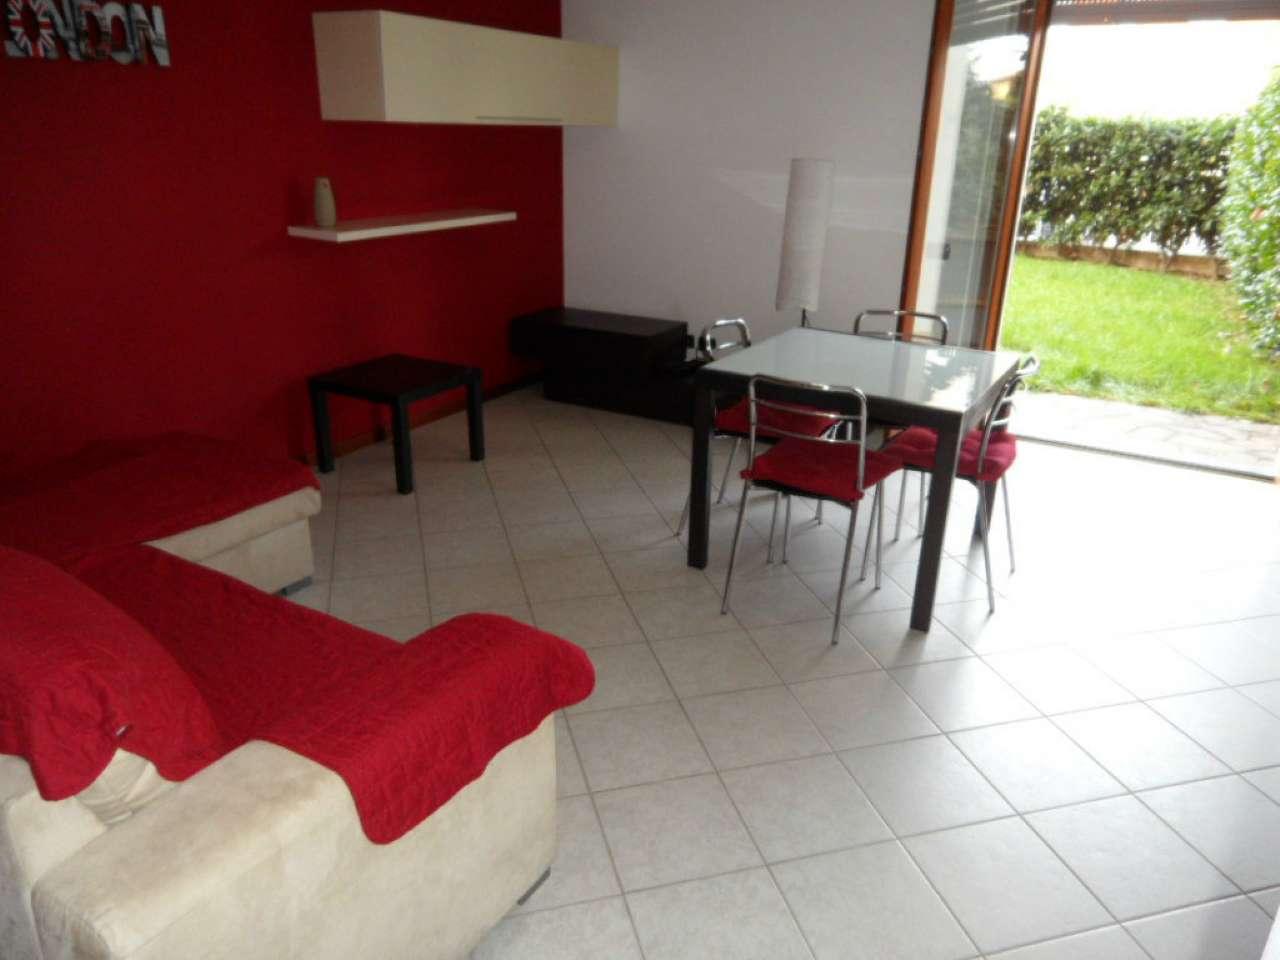 Appartamento in vendita a Seriate, 2 locali, prezzo € 115.000 | Cambio Casa.it